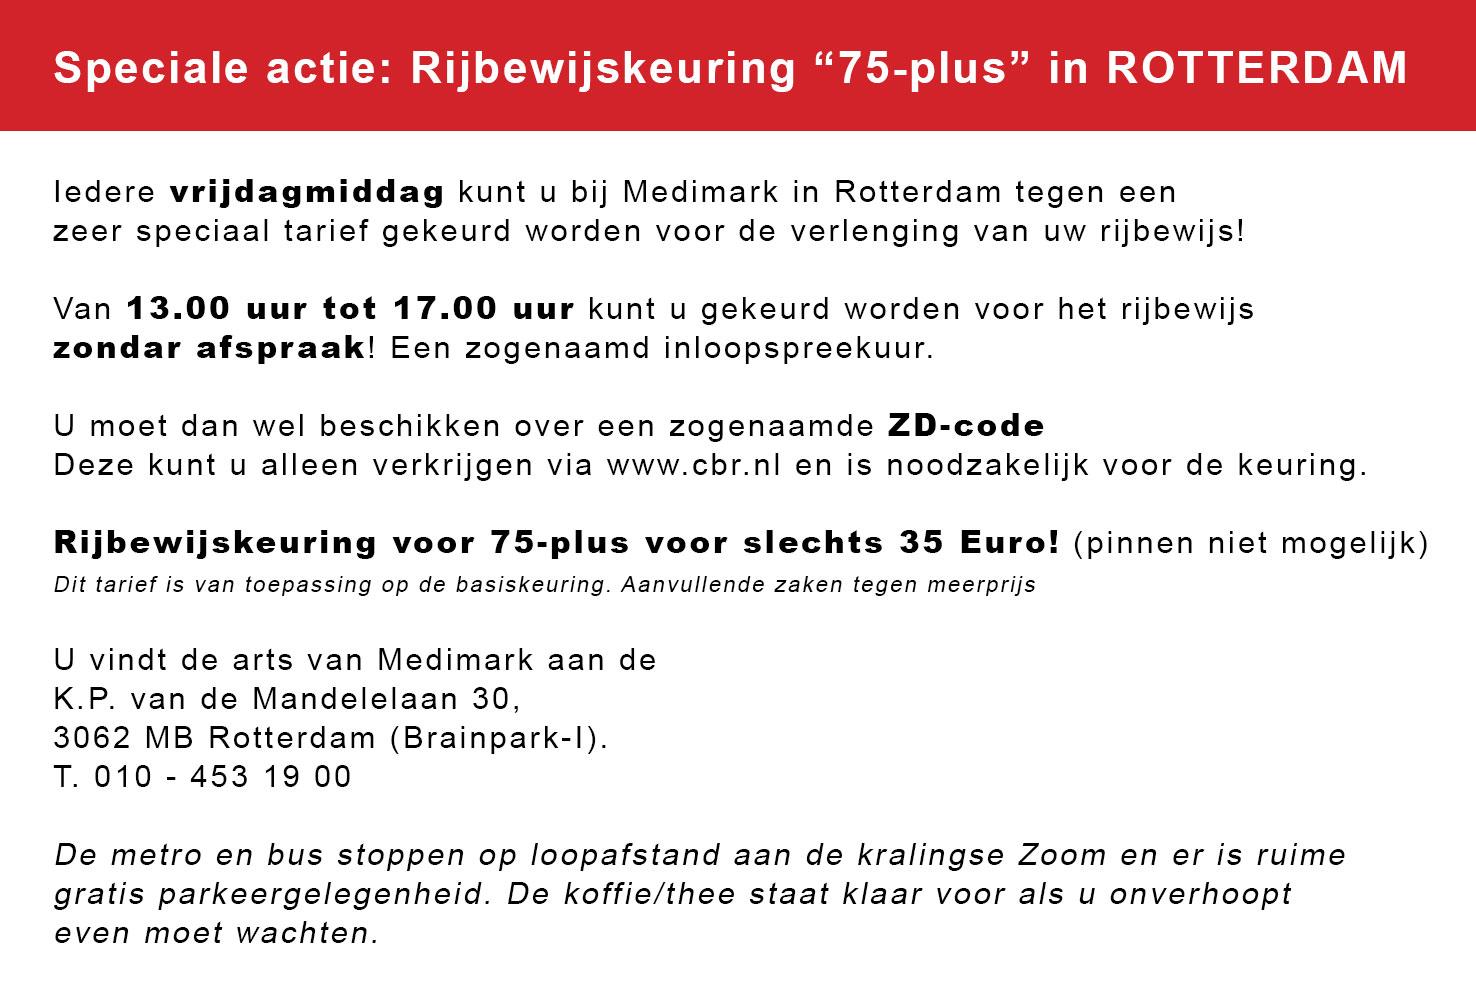 advertentie-rijbewijskeuringen-rotterdam-nieuw